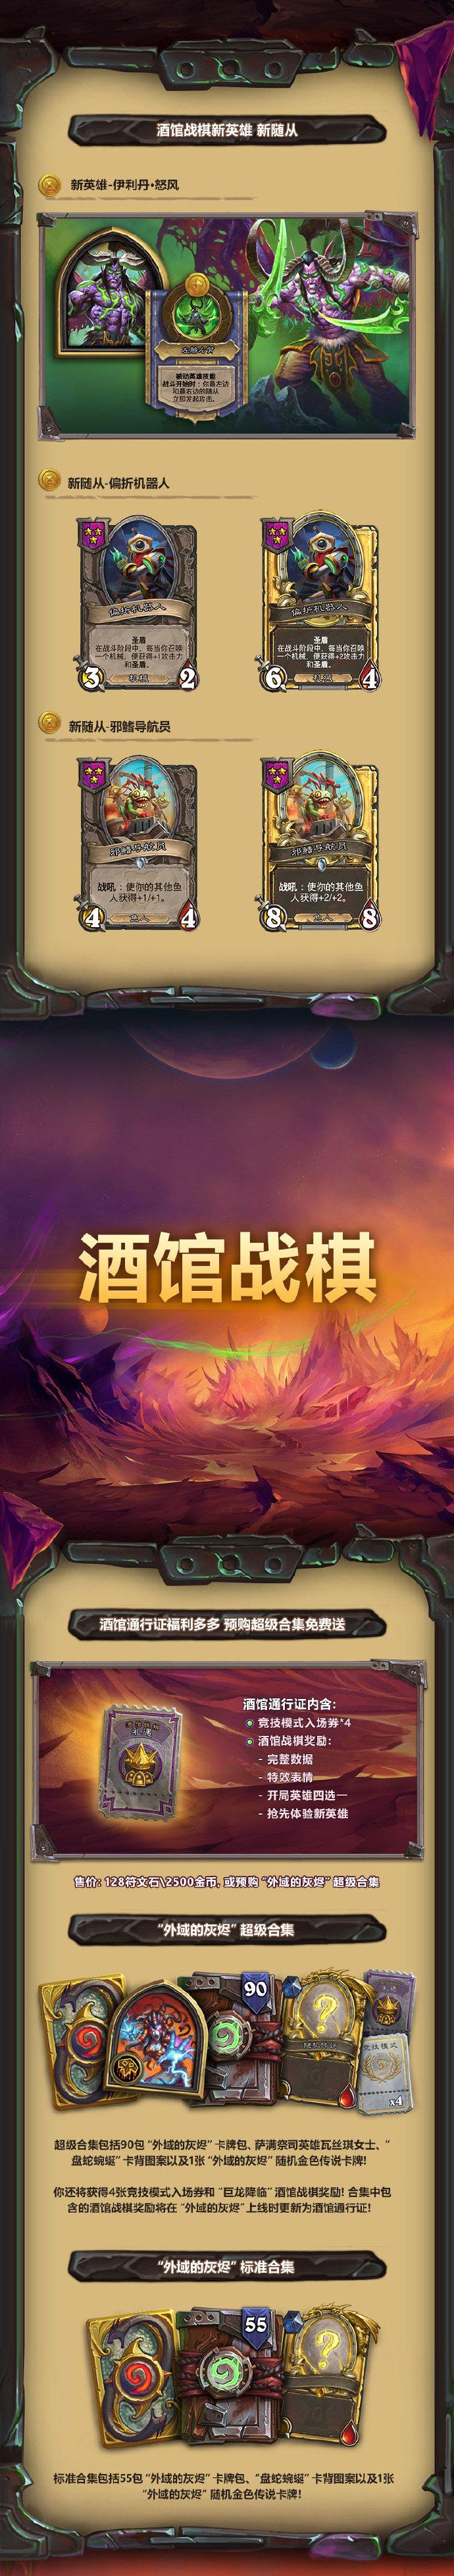 炉石传说酒馆战棋17.0新英雄及新随从分享 新英雄及随从属性一览